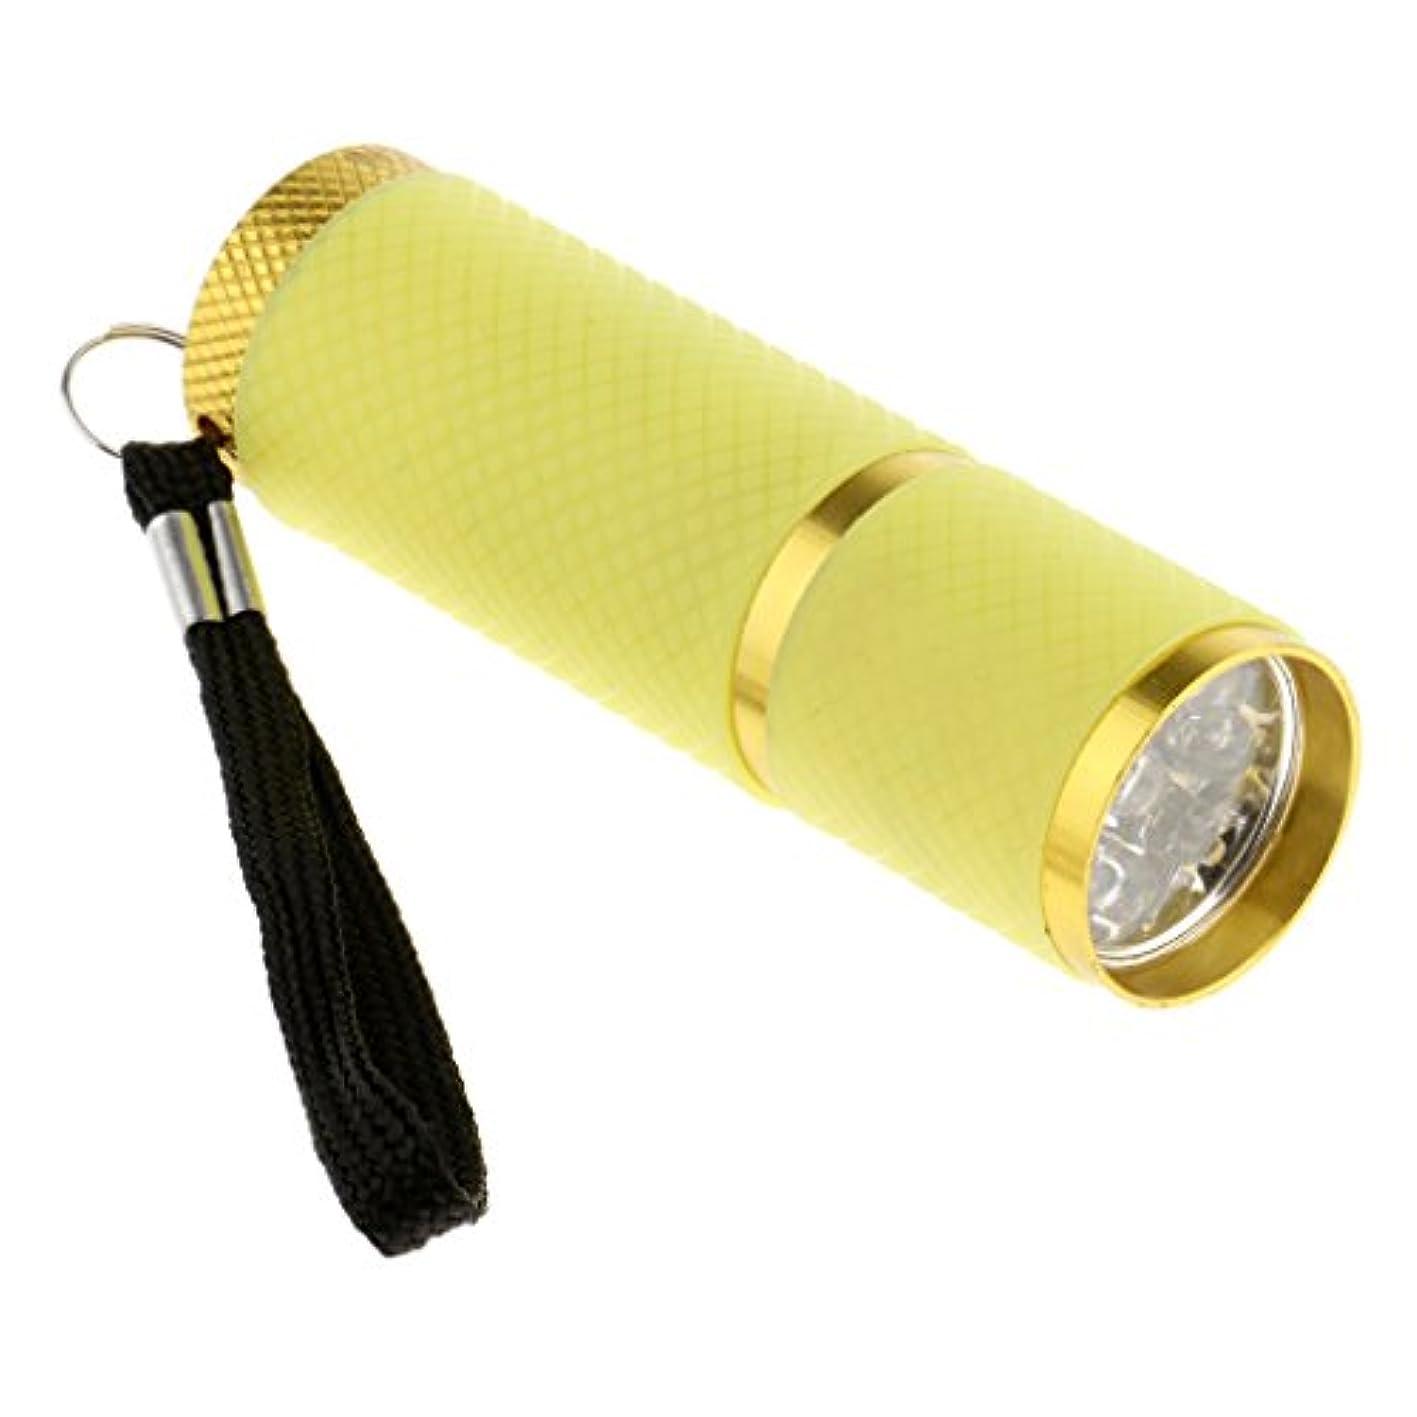 トラフィック残るサラダHomyl ネイルドライヤー ミニ 9 LED  4.5V  ドライヤー 手と足 両方に使用 UV プロ ネイルサロン 家庭用 4色選べ - 黄